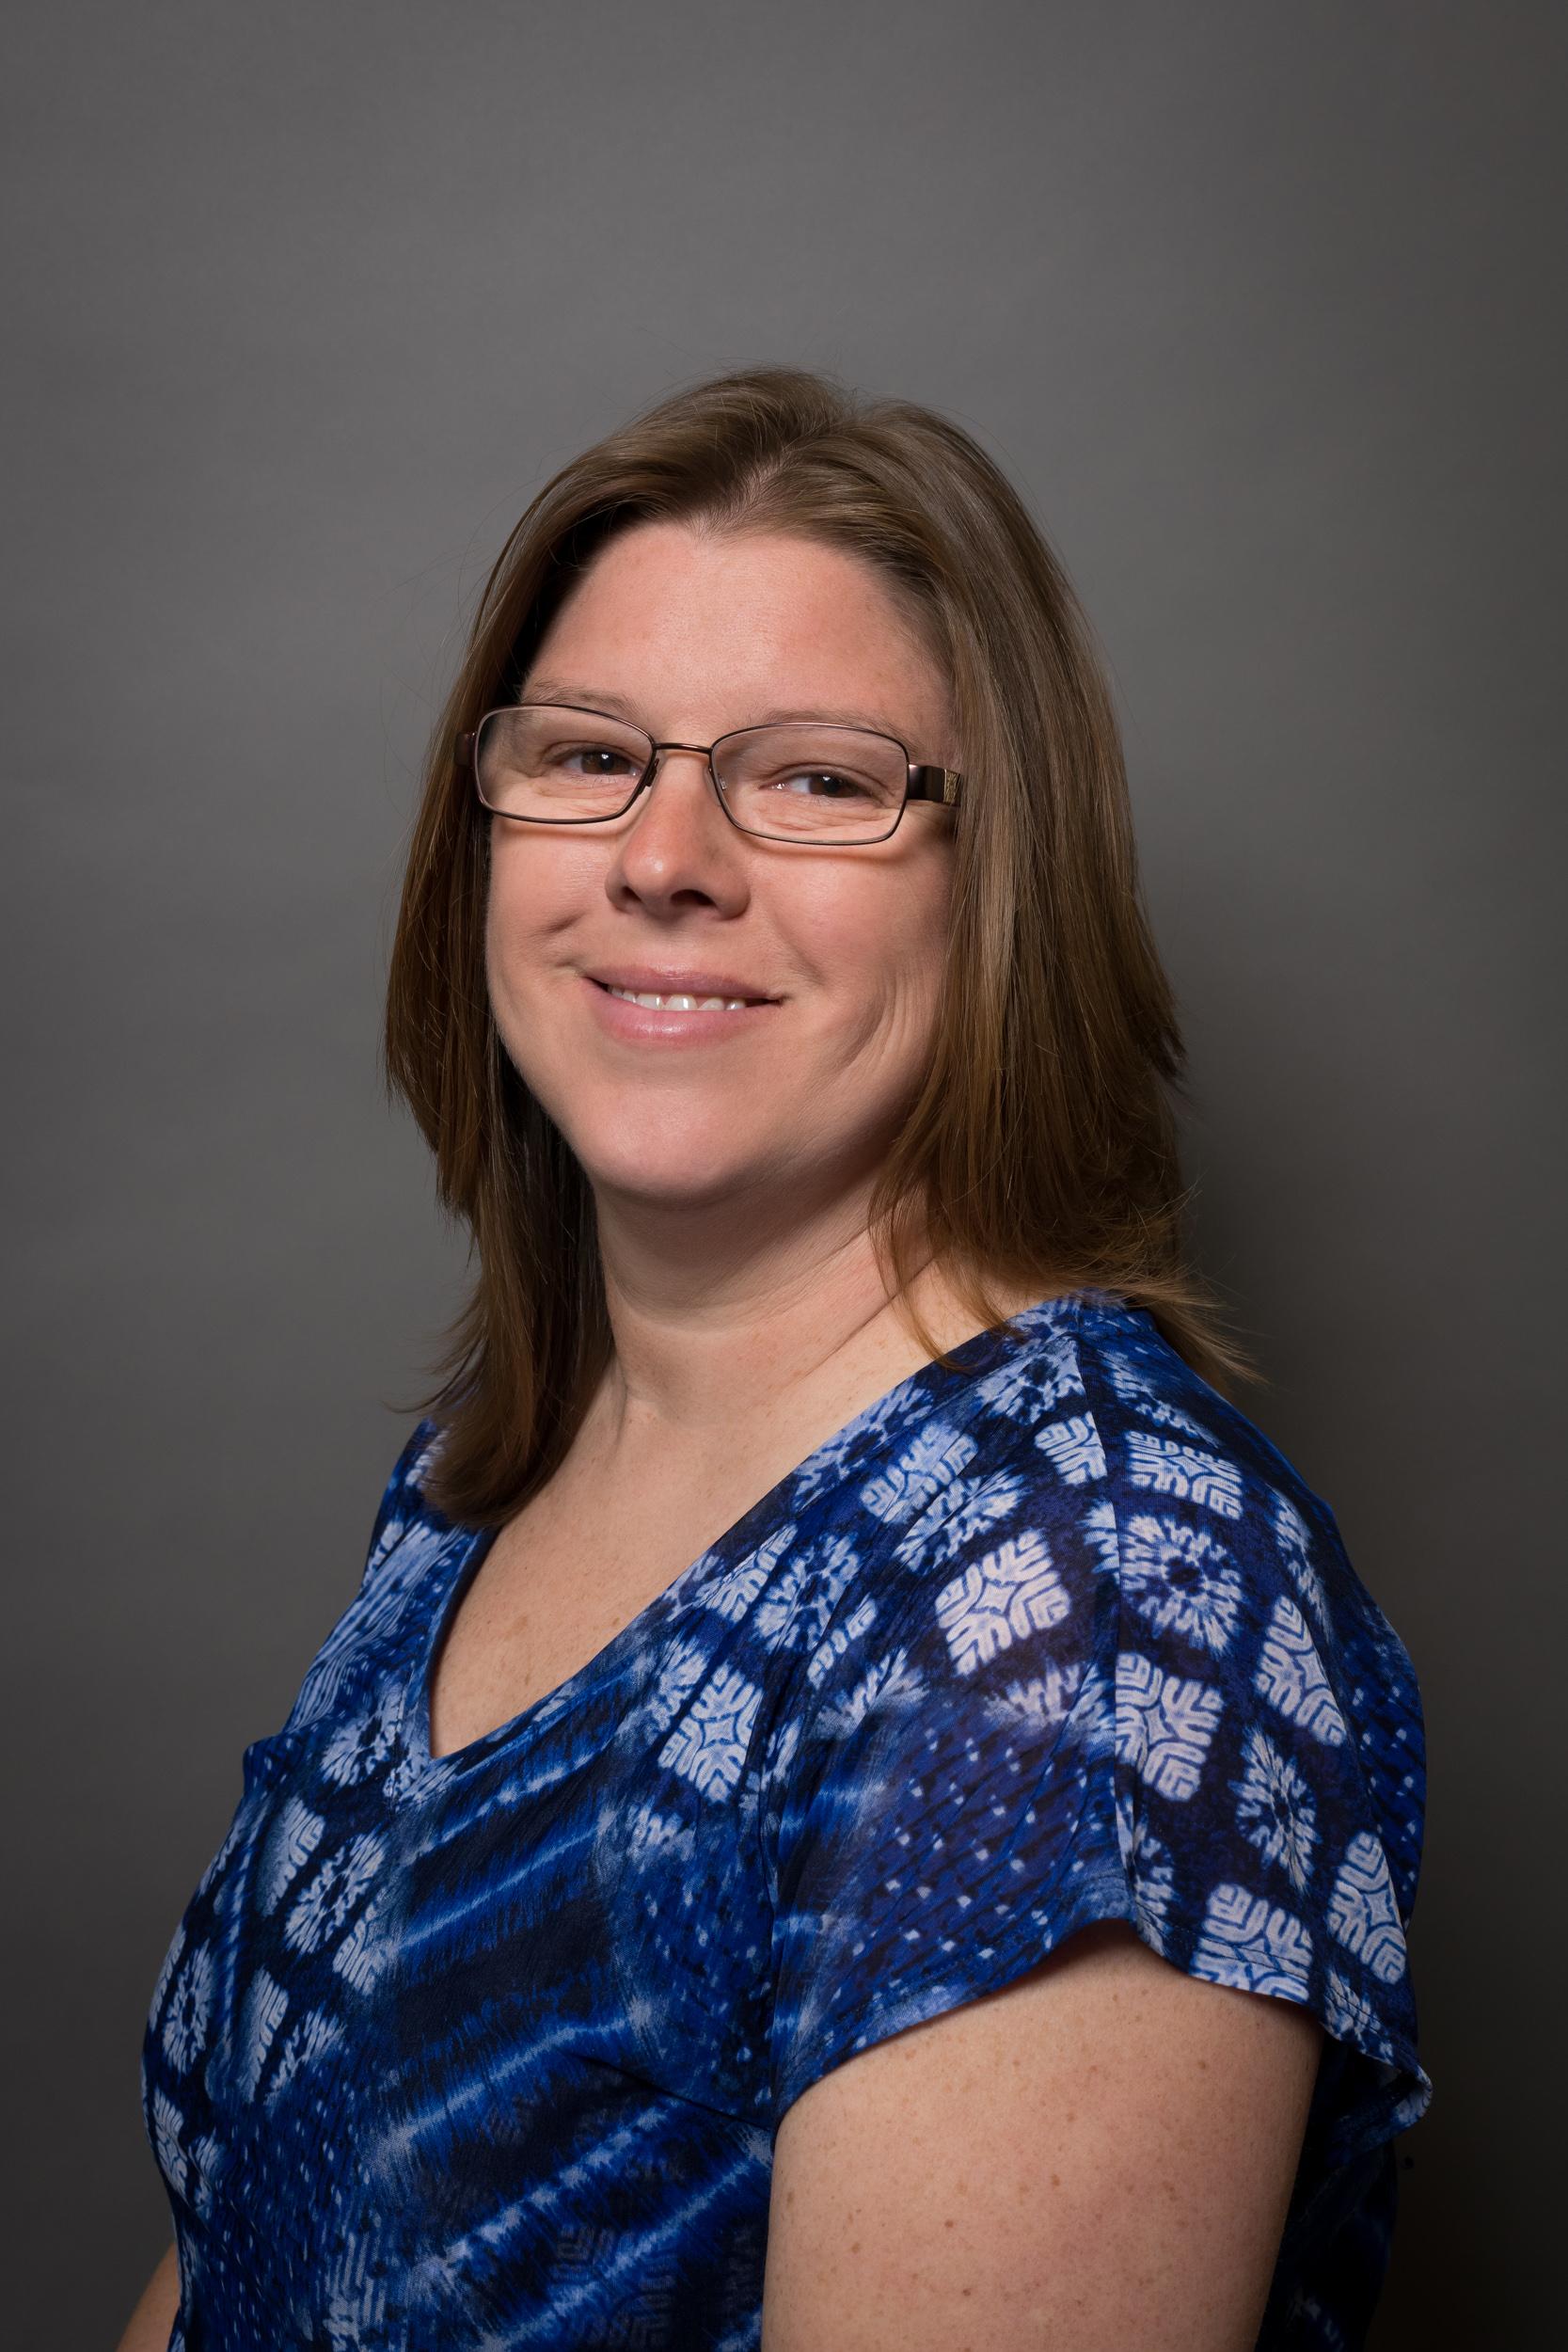 Denise Gilbert - VP, Operations Manager